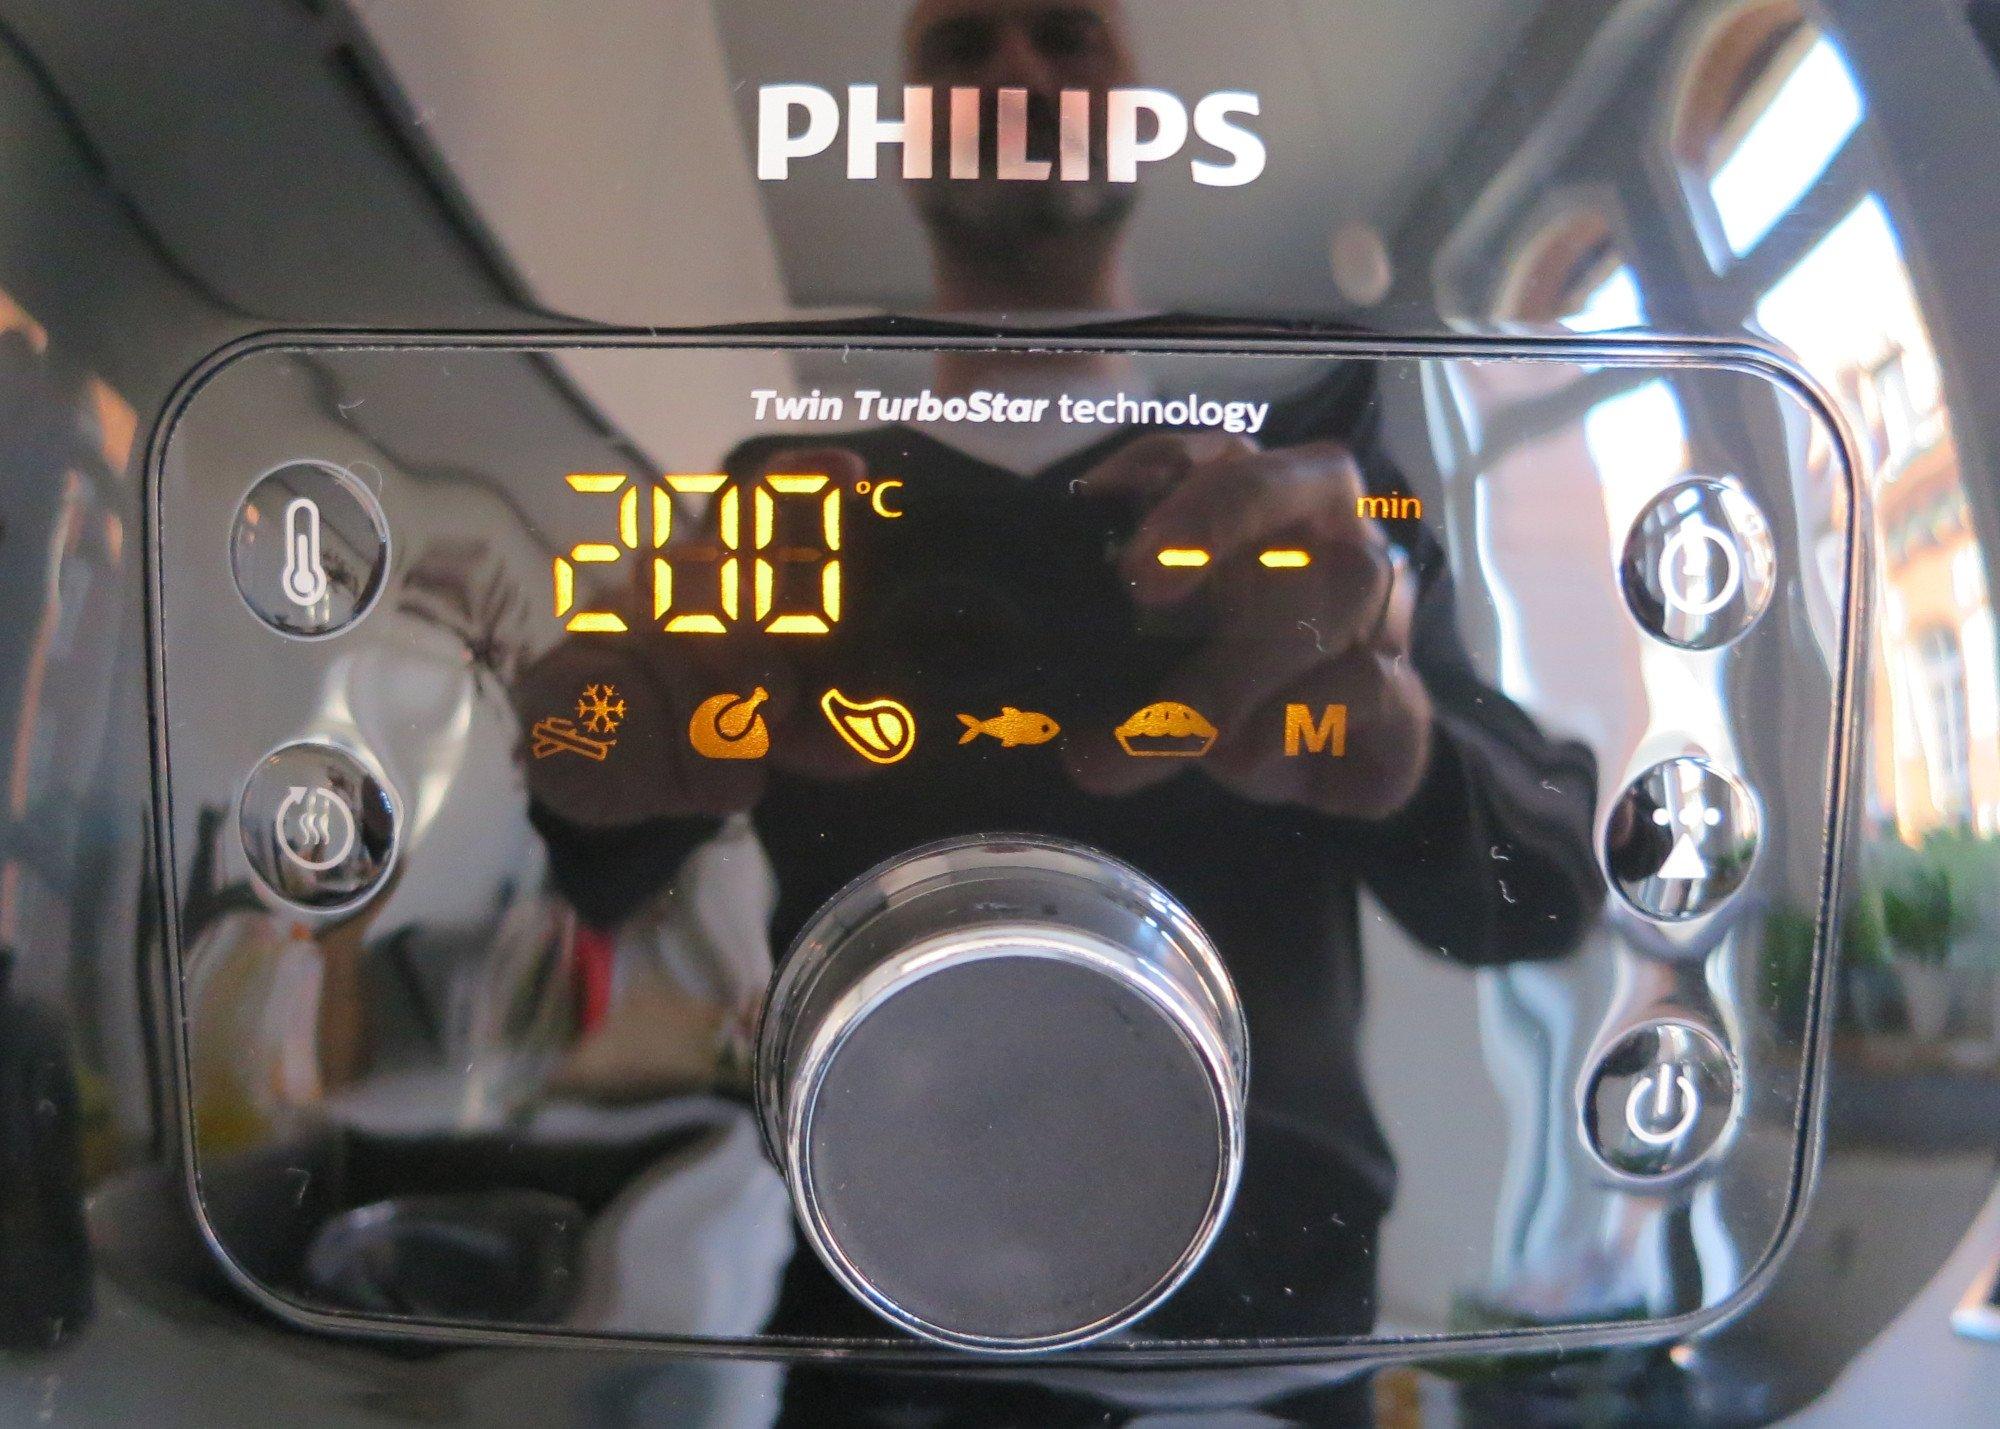 Die Bedienung der Heißluftfritteuse Philips Airfryer Avance XXL ist intuitiv verständlich (Bild: Peter Giesecke)